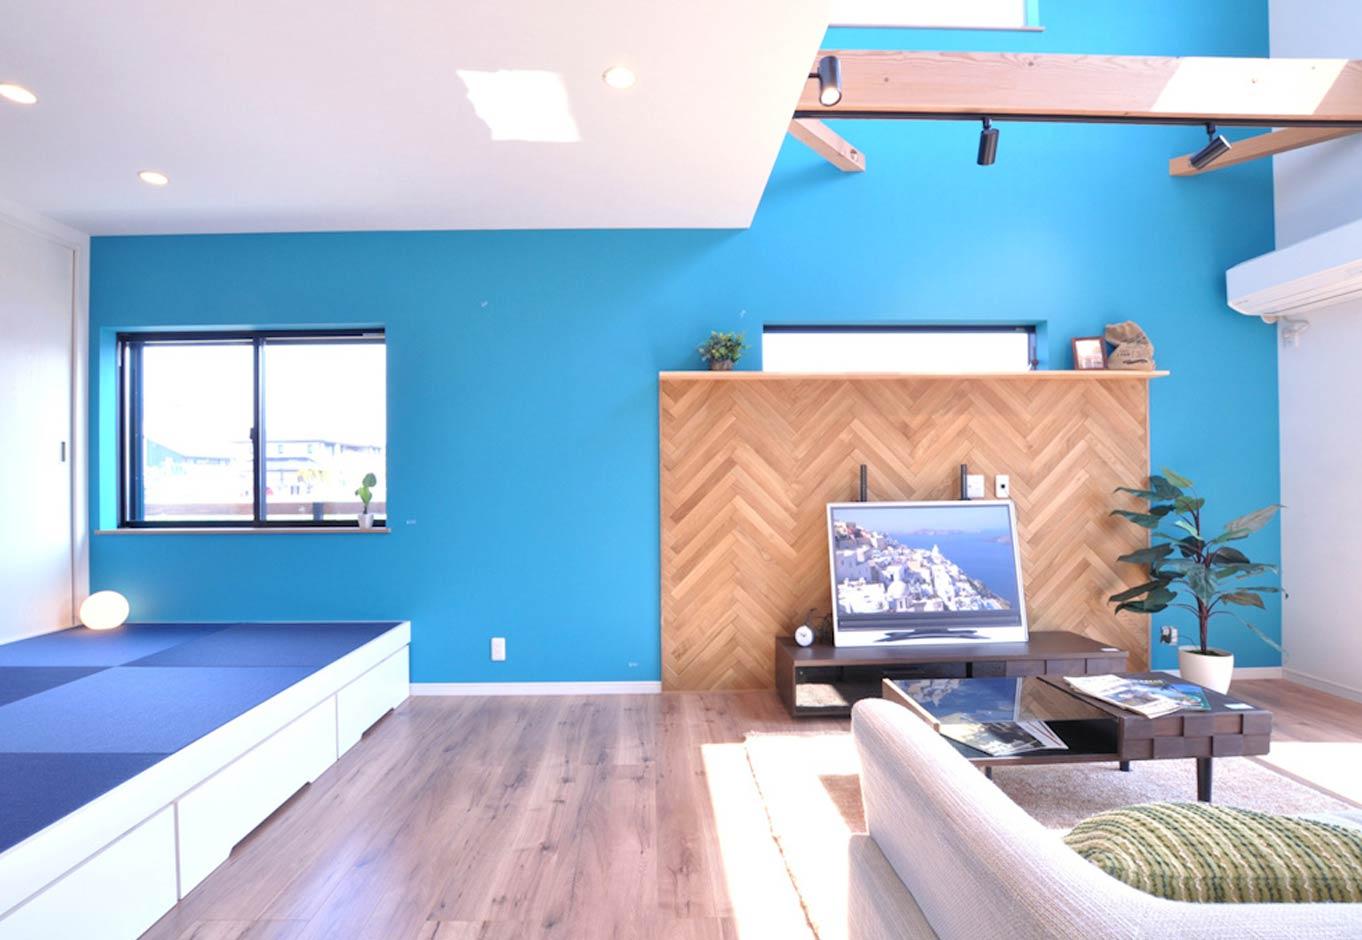 Asobi-創家(アソビスミカ)/ナカジツ【デザイン住宅、趣味、間取り】リビングと隣接する小上がりの畳コーナー。青い市松模様の畳の下は収納スペース。客間として使うのはもちろん、洗濯物をたたんだり、赤ちゃんをお昼寝させる場所として重宝している。ベンチ代わりに腰かけると、ソファと目線の高さが同じになり、コミュニケーションを取りやすい